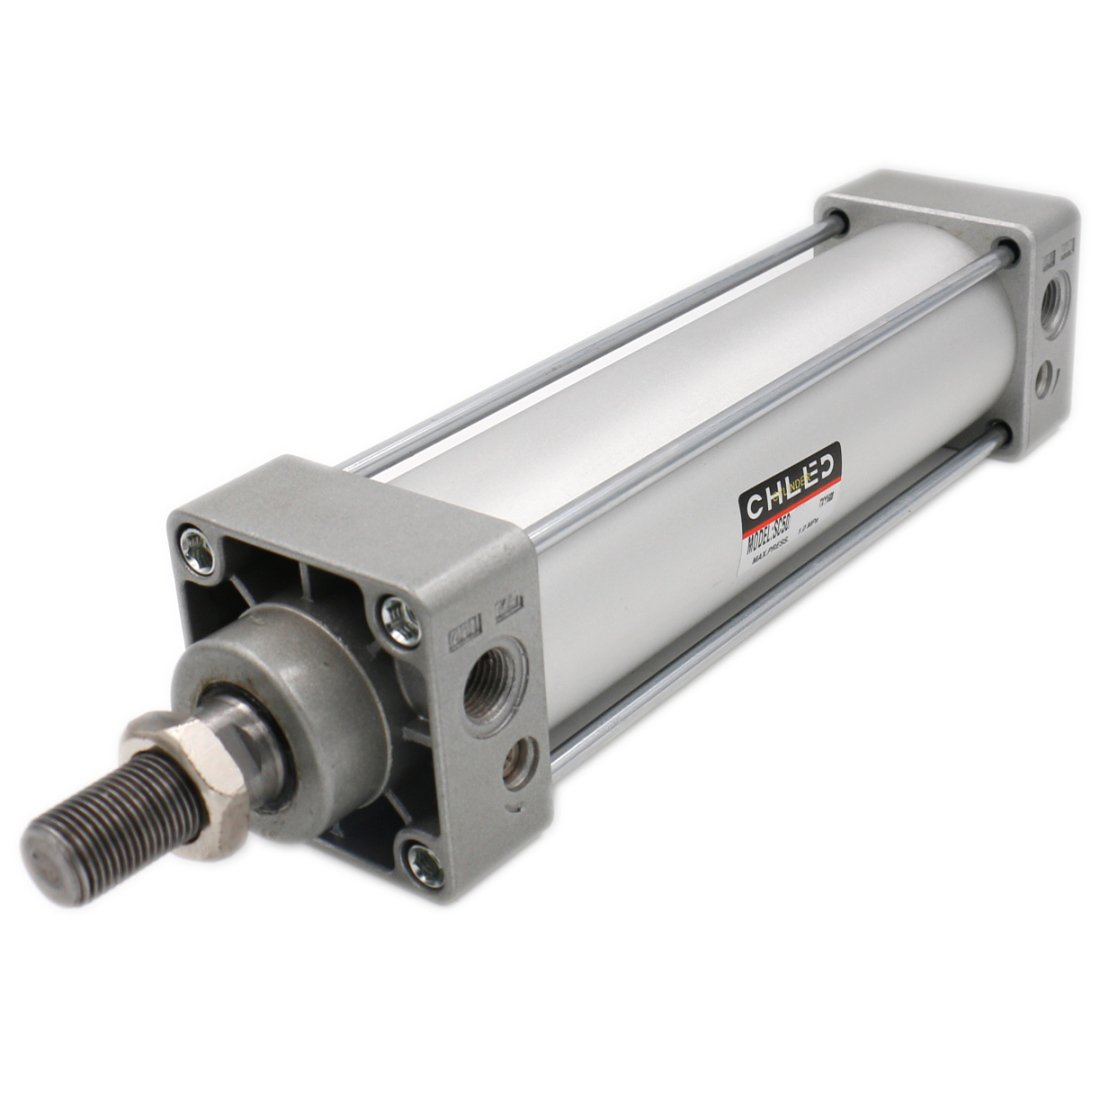 Heschen pneumatico standard cilindro SC 50 –  125 PT1/4 porte 50 mm diametro 125 mm, corsa a doppio effetto CHLED Pneumatic